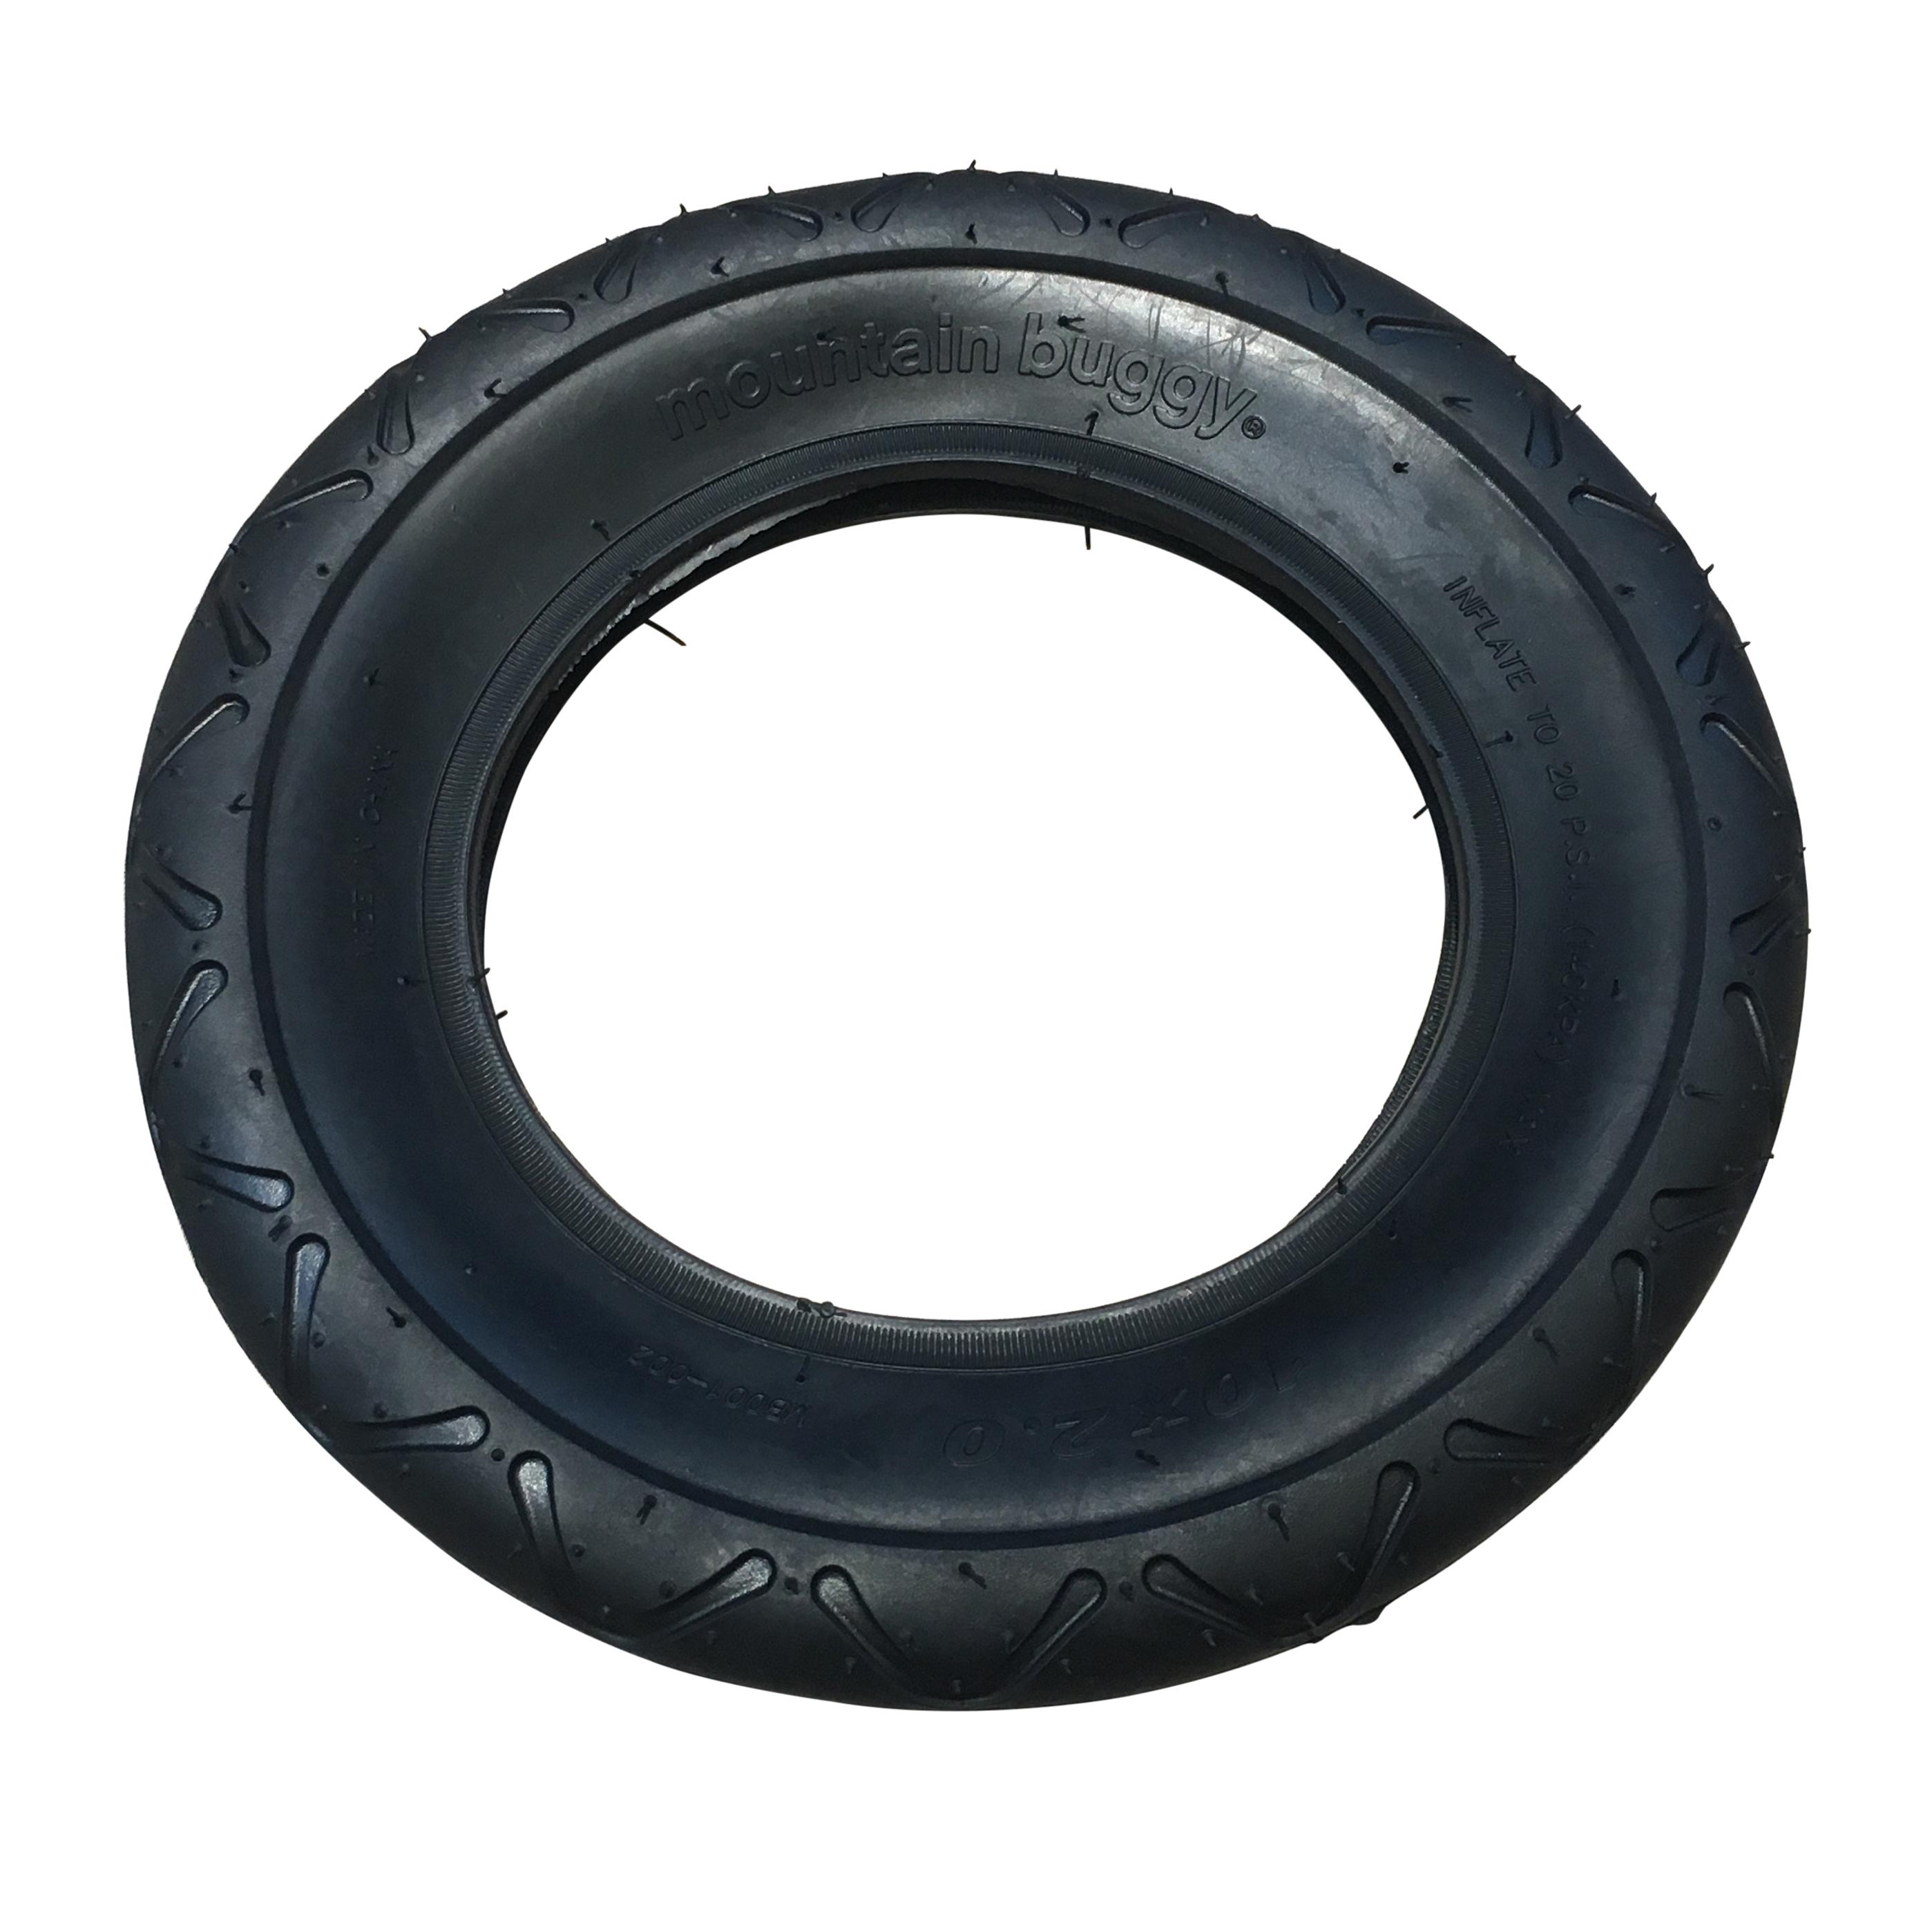 【タイヤ】mountain buggy 10 inch tire  10インチタイヤ(チューブなし)×1